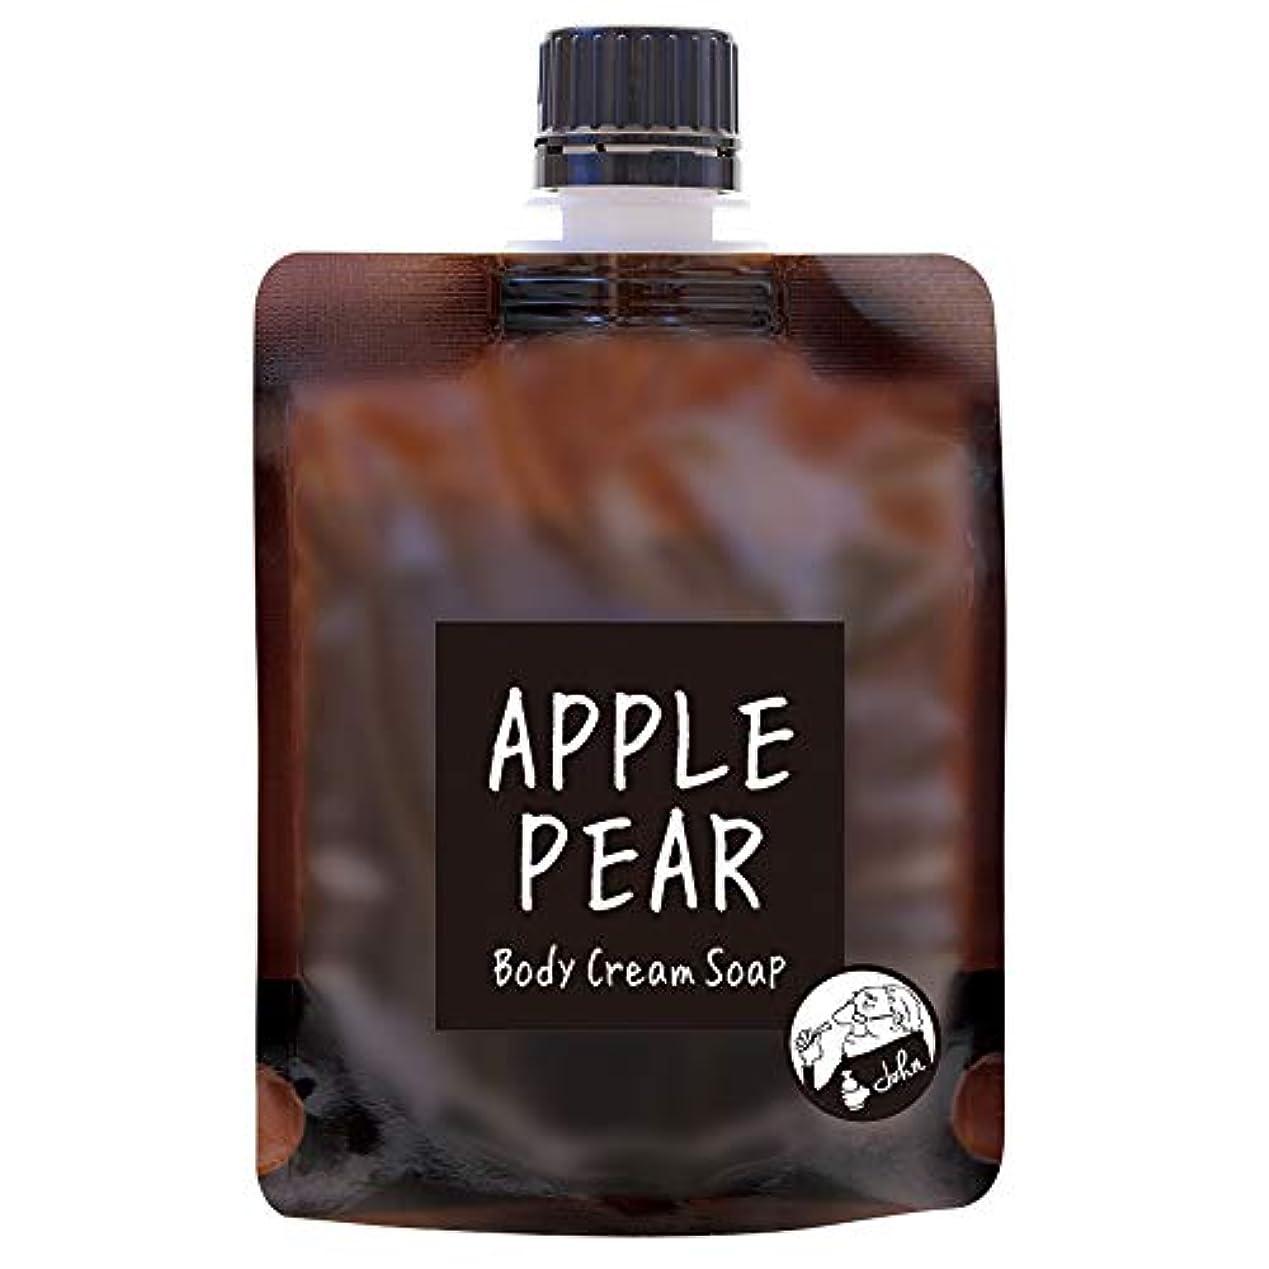 セブンつかいます余計なノルコーポレーション John's Blend ボディクリームソープ 保湿成分配合 OA-JON-19-4 ボディソープ アップルペアーの香り 100g